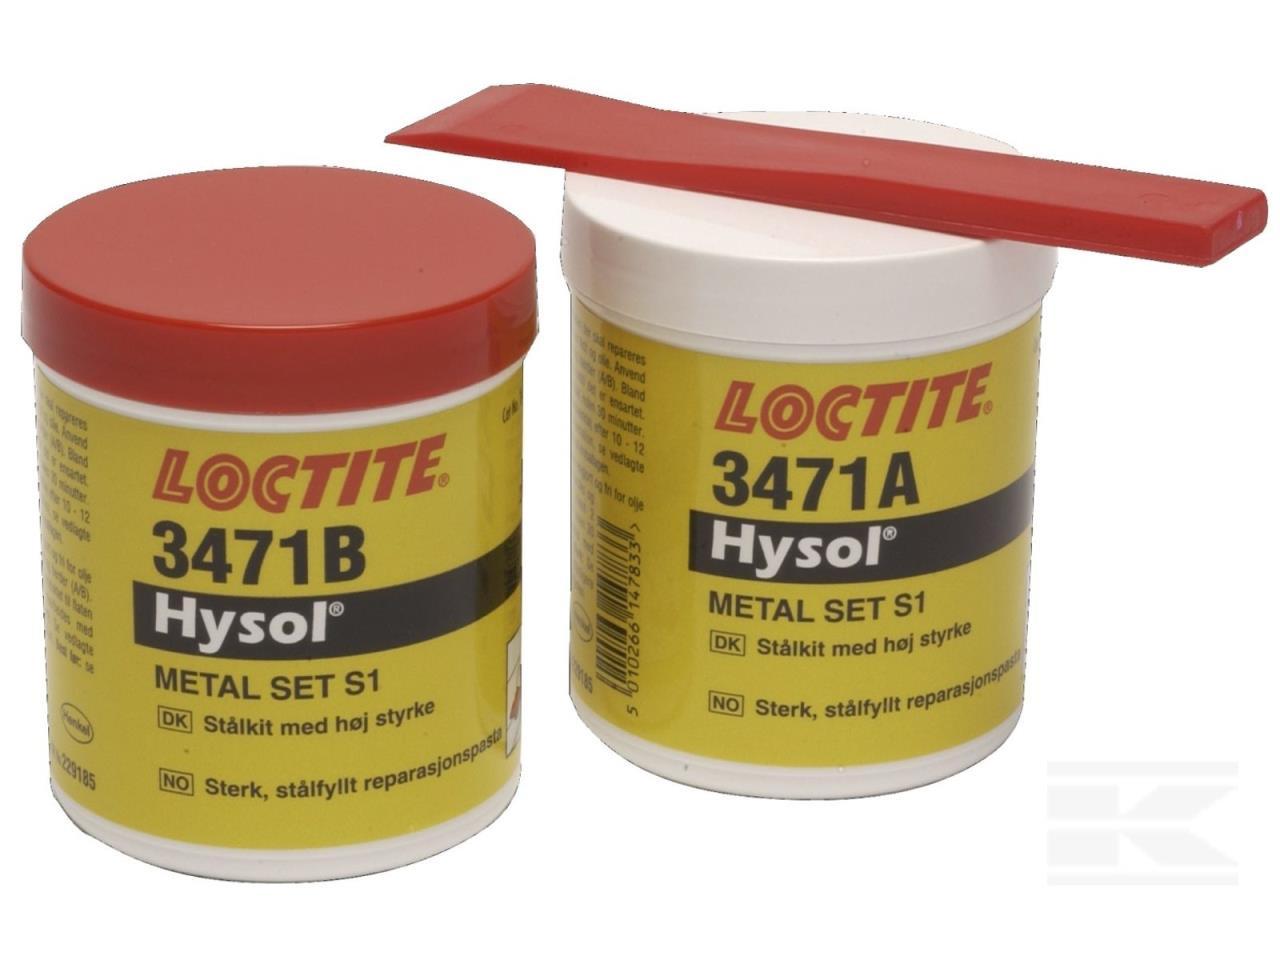 Loctite 3471 metalsæt 500 gr. stål